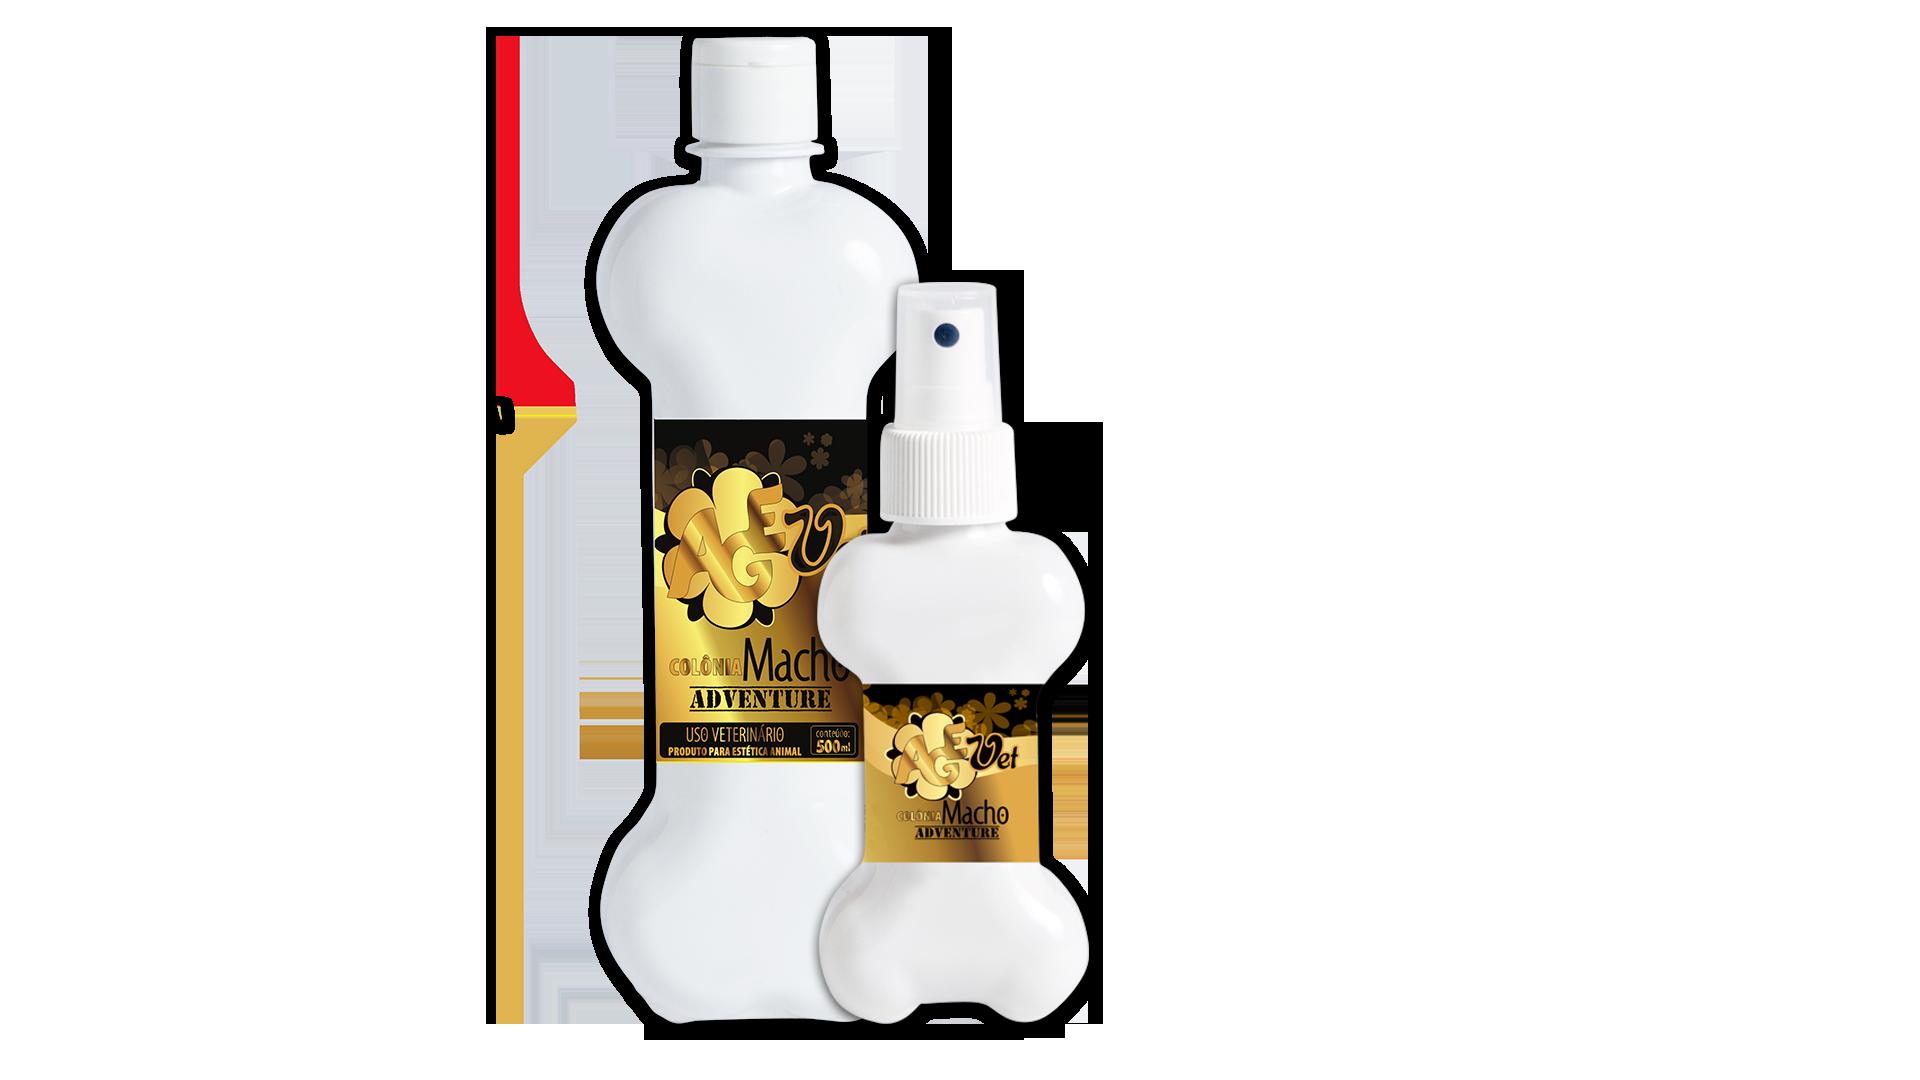 Foto do produto Colônia Macho Sensacion 120 e 500 ml para visualização